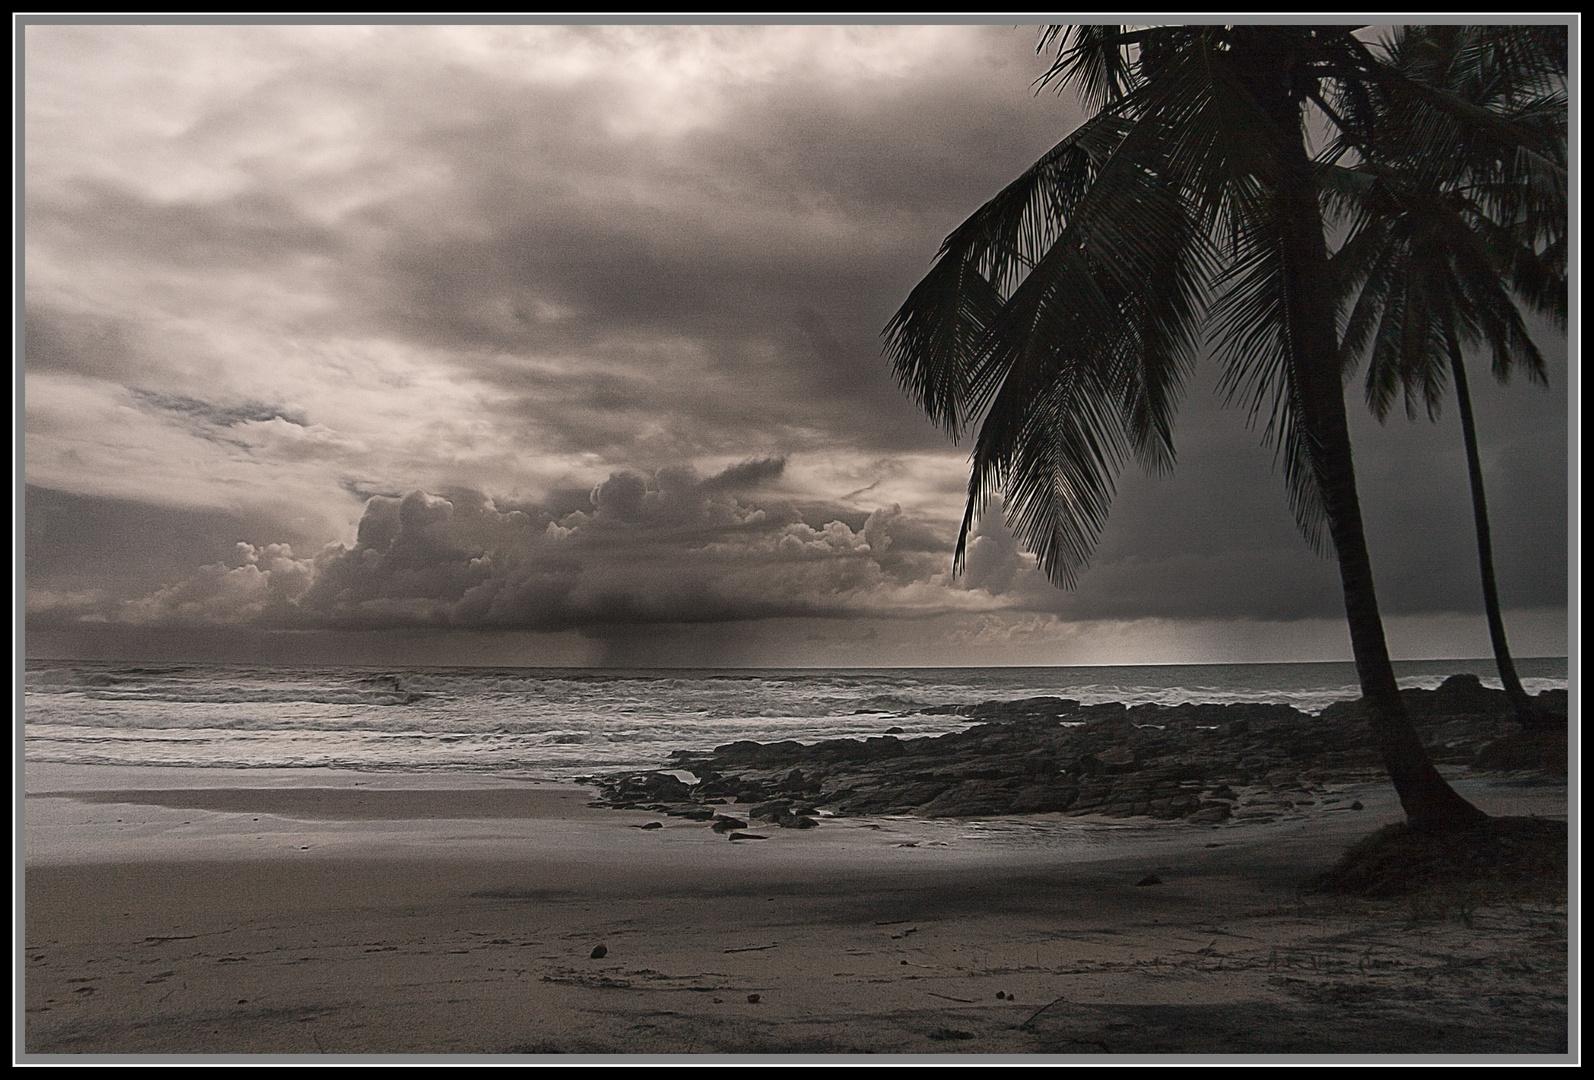 un día sin playa